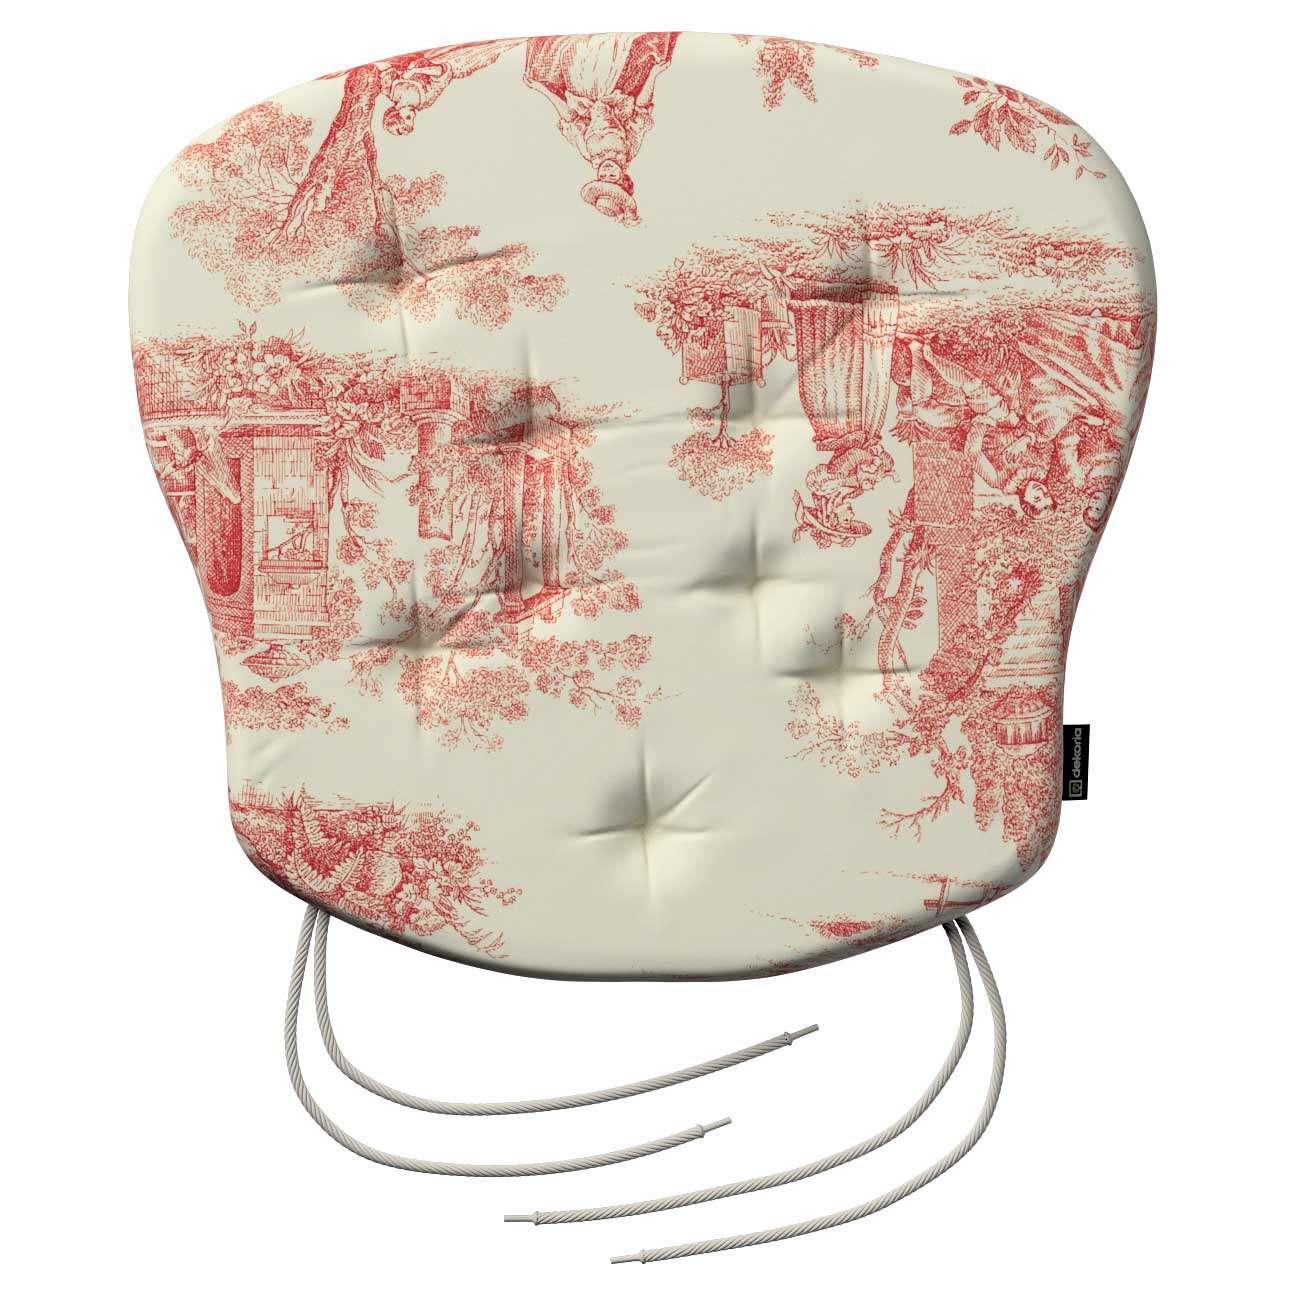 Kėdės pagalvėlė Filip  41 × 38 × 3,5 cm kolekcijoje Avinon, audinys: 132-15